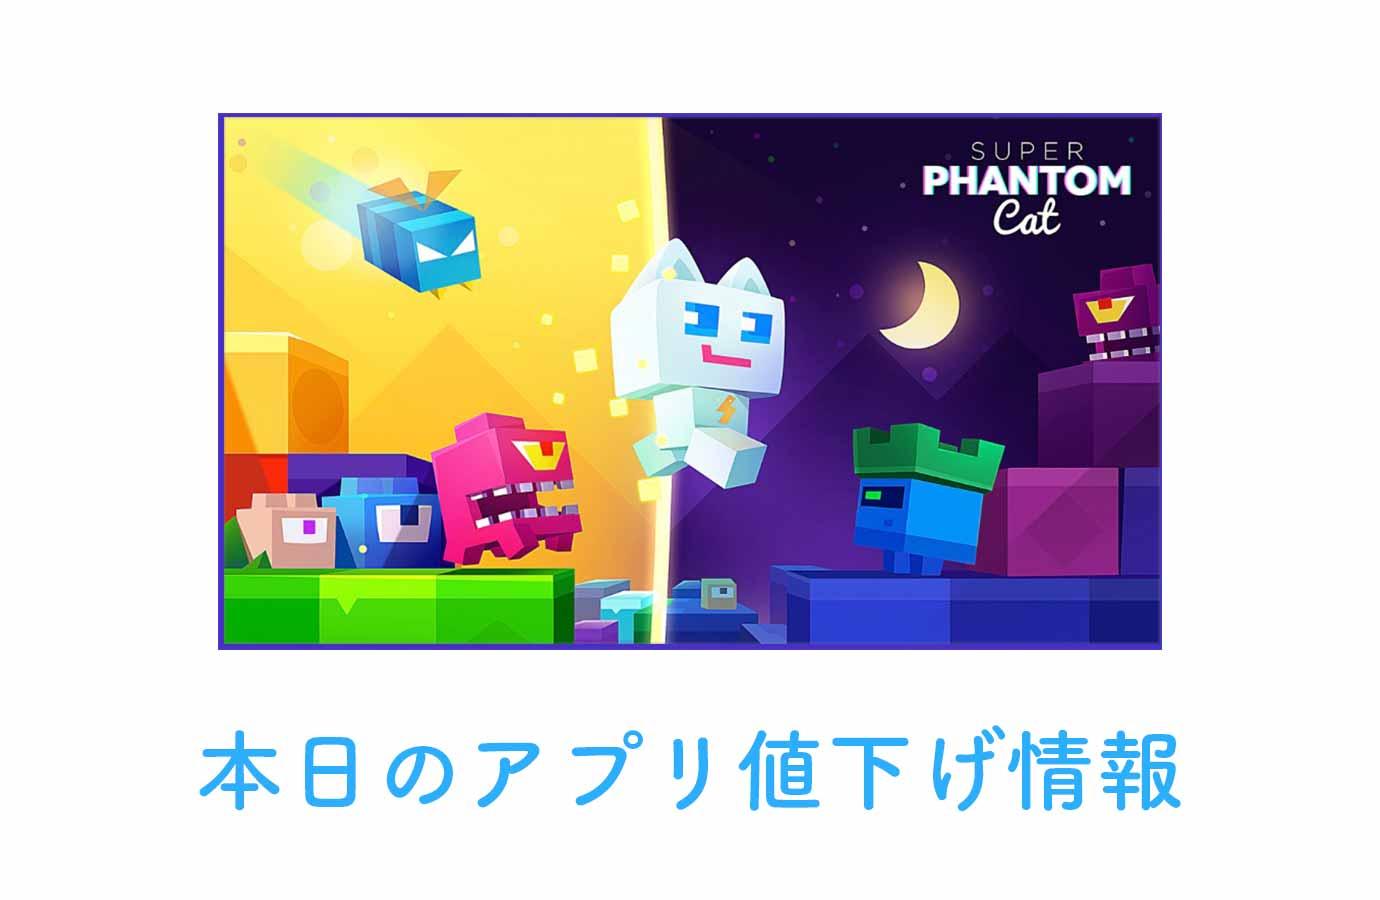 250円→無料!かわいい猫が主役のアクション「スーパー ニャー!!」など【9/15】アプリ値下げ情報